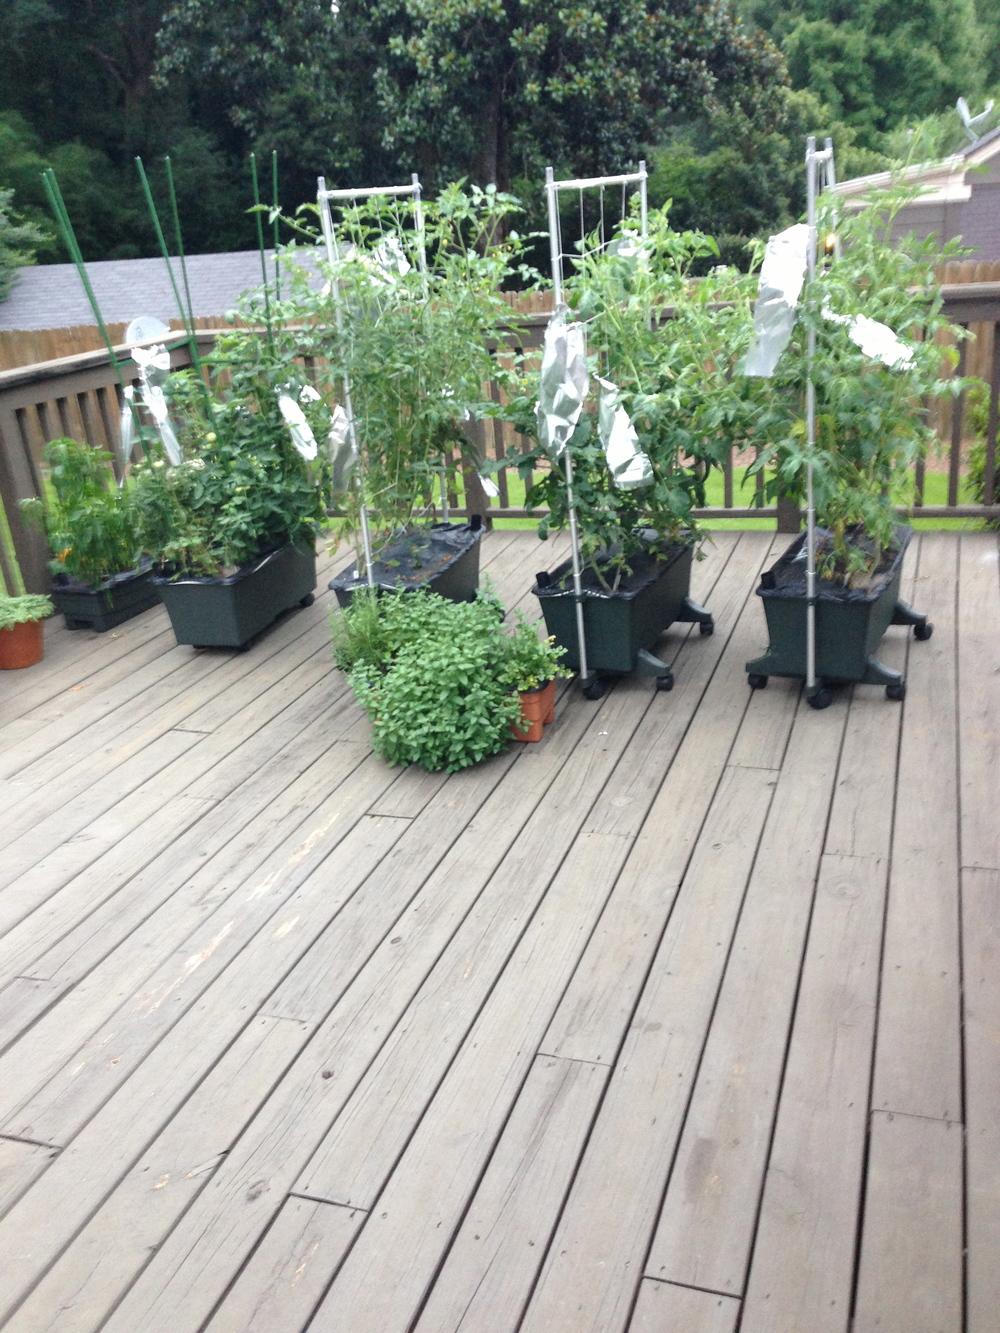 foil wraps (aka tomato plant highlights)